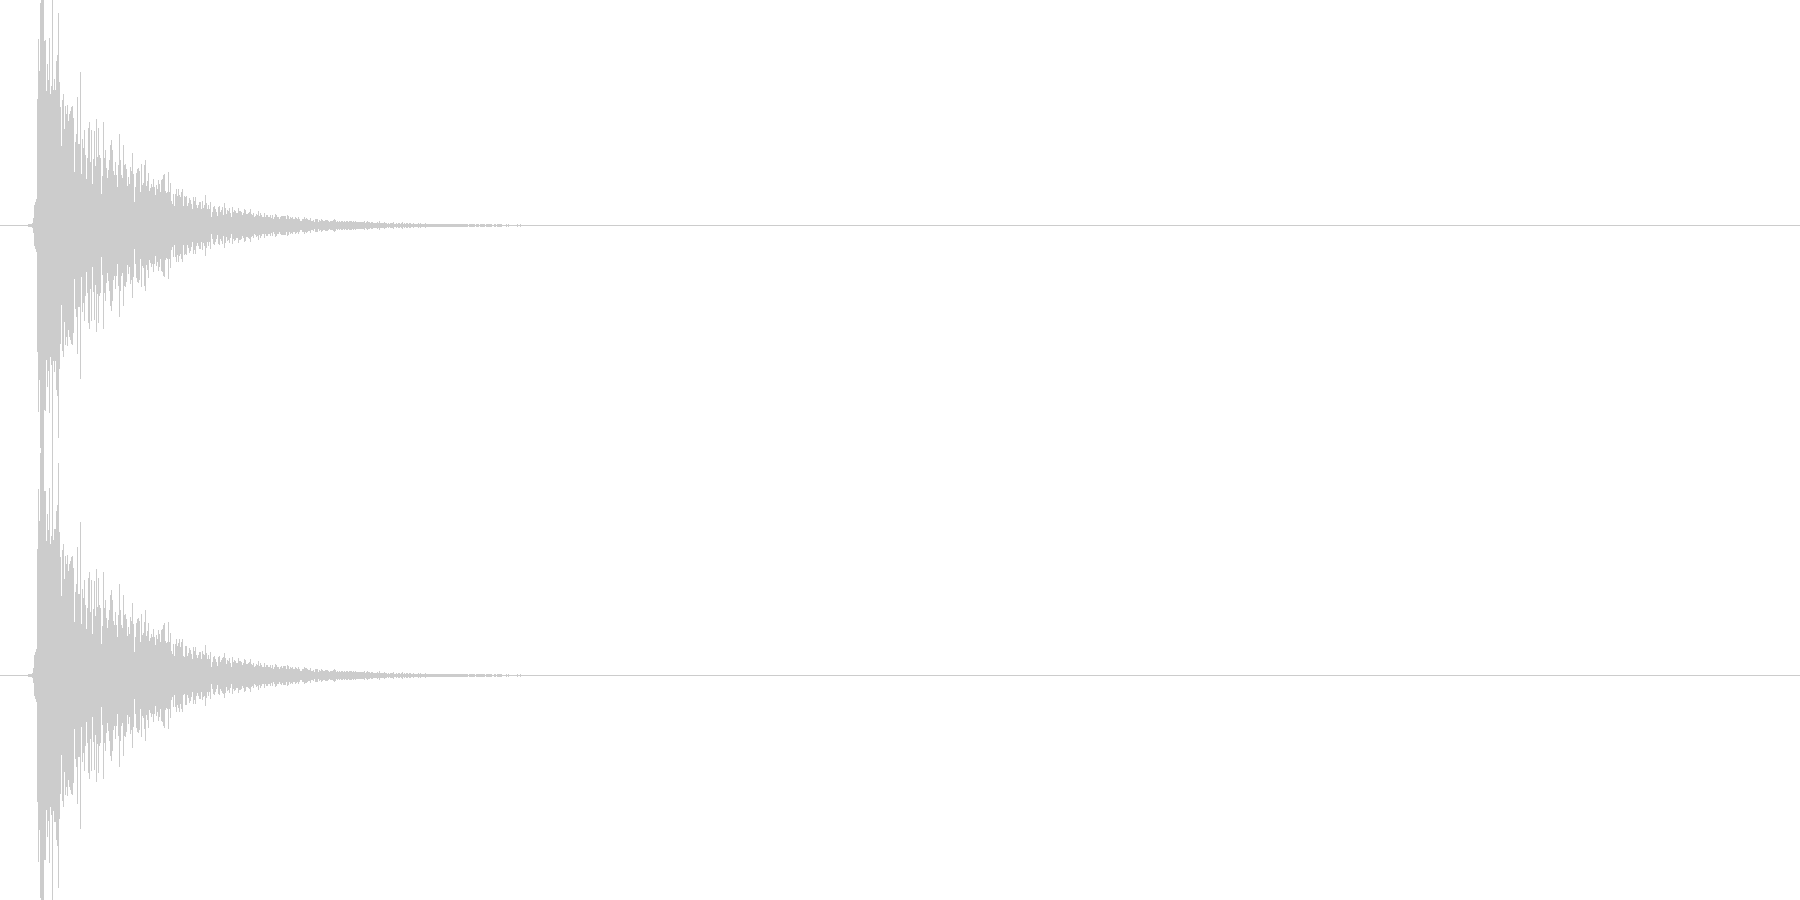 パーン!(ビンタ、平手、張り手のSE)の未再生の波形